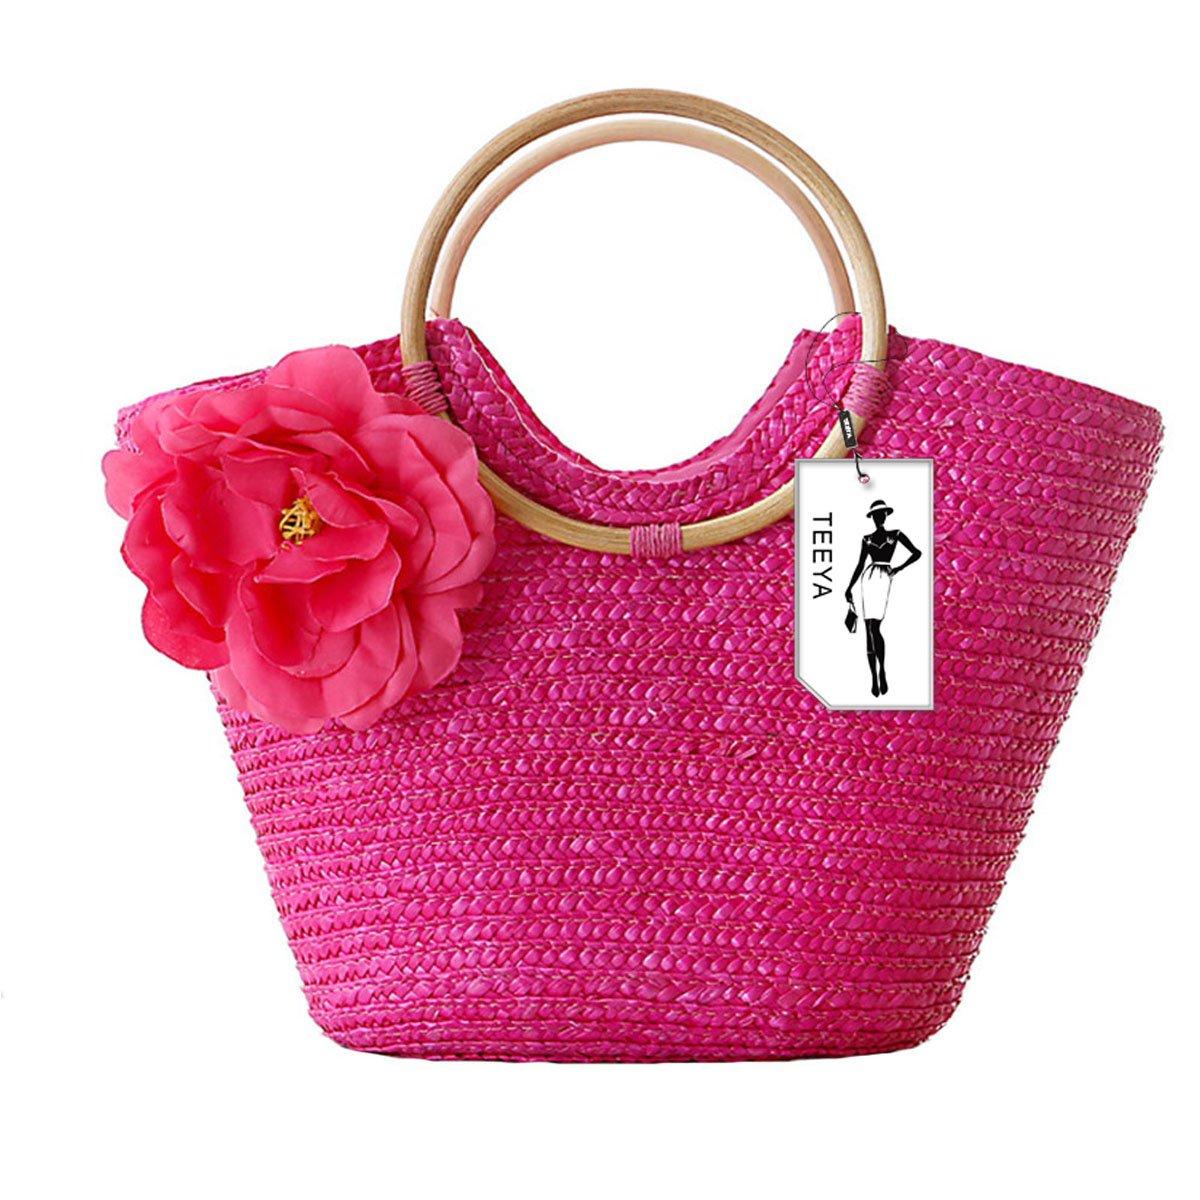 Femmes Paille Sac à main Fleur Tissés Summer Plage Messager Tote Sac Panier Shopper Sac